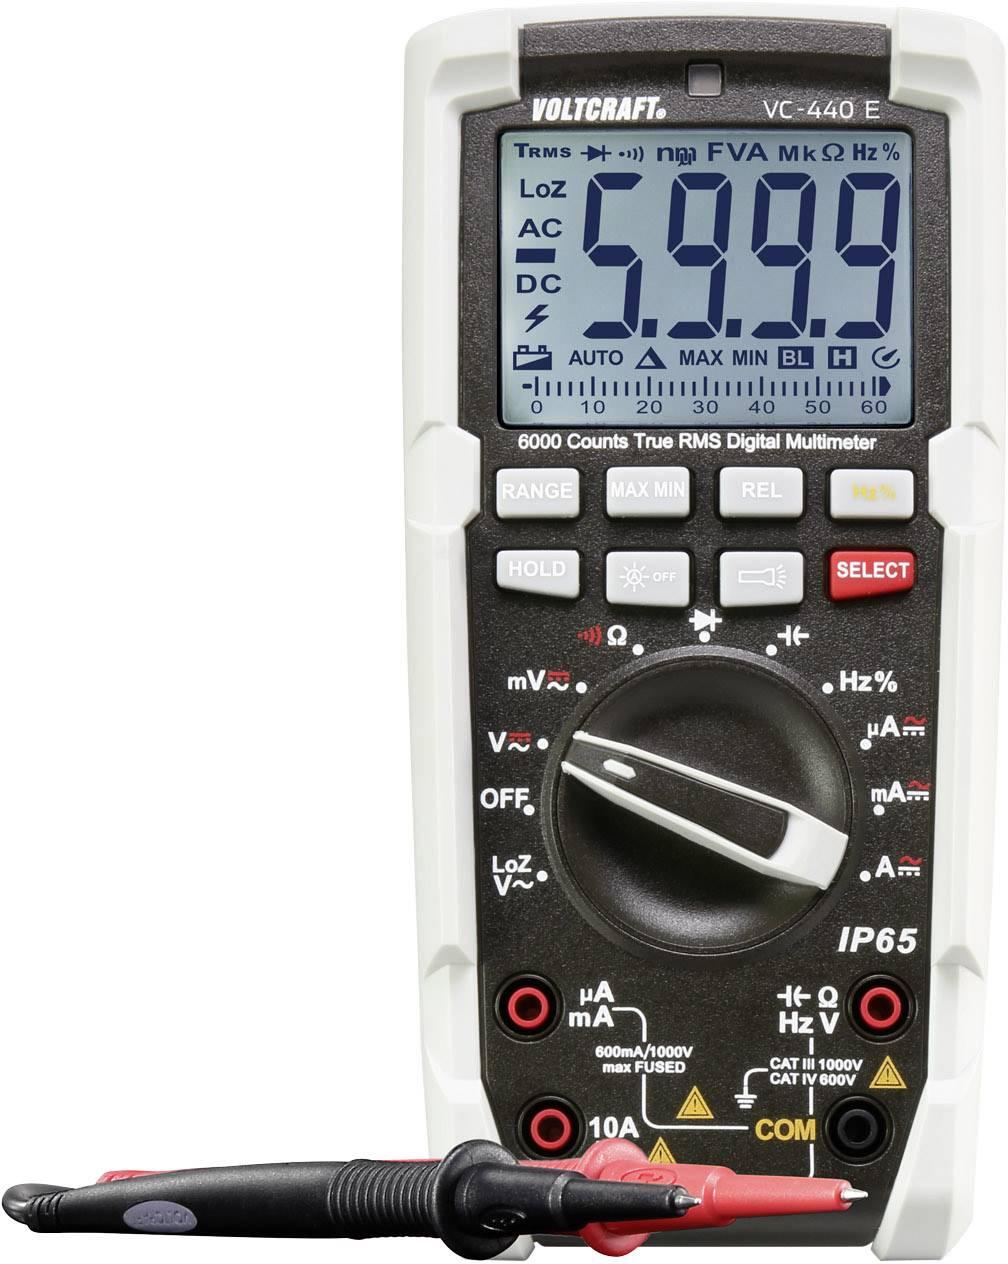 Ručný multimeter digitálne/y VOLTCRAFT VC-440 E, ochrana proti vode (IP65)